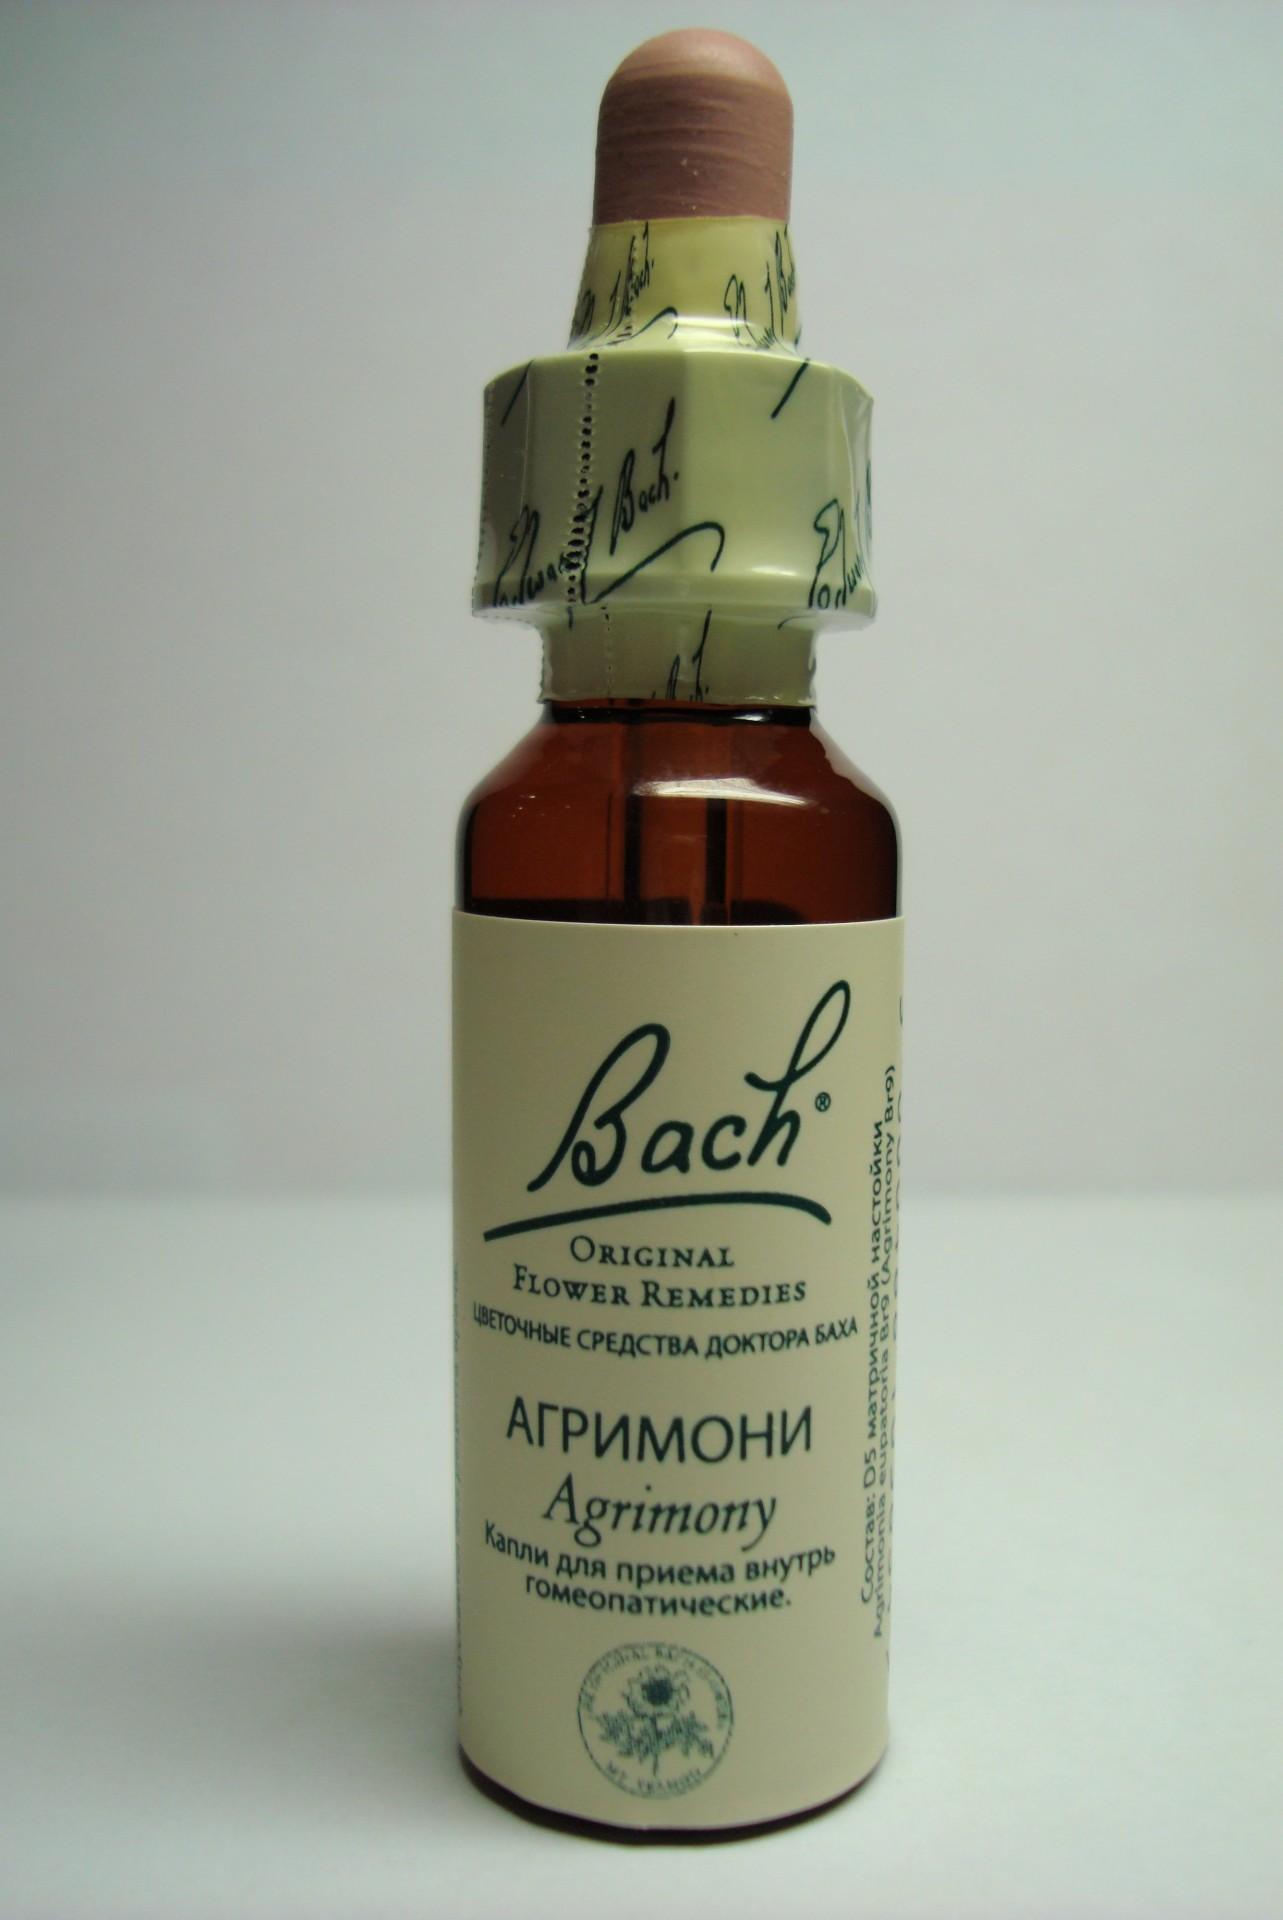 Фото препарата Агримони №1 Цветы Баха капли гомеопатические 10мл